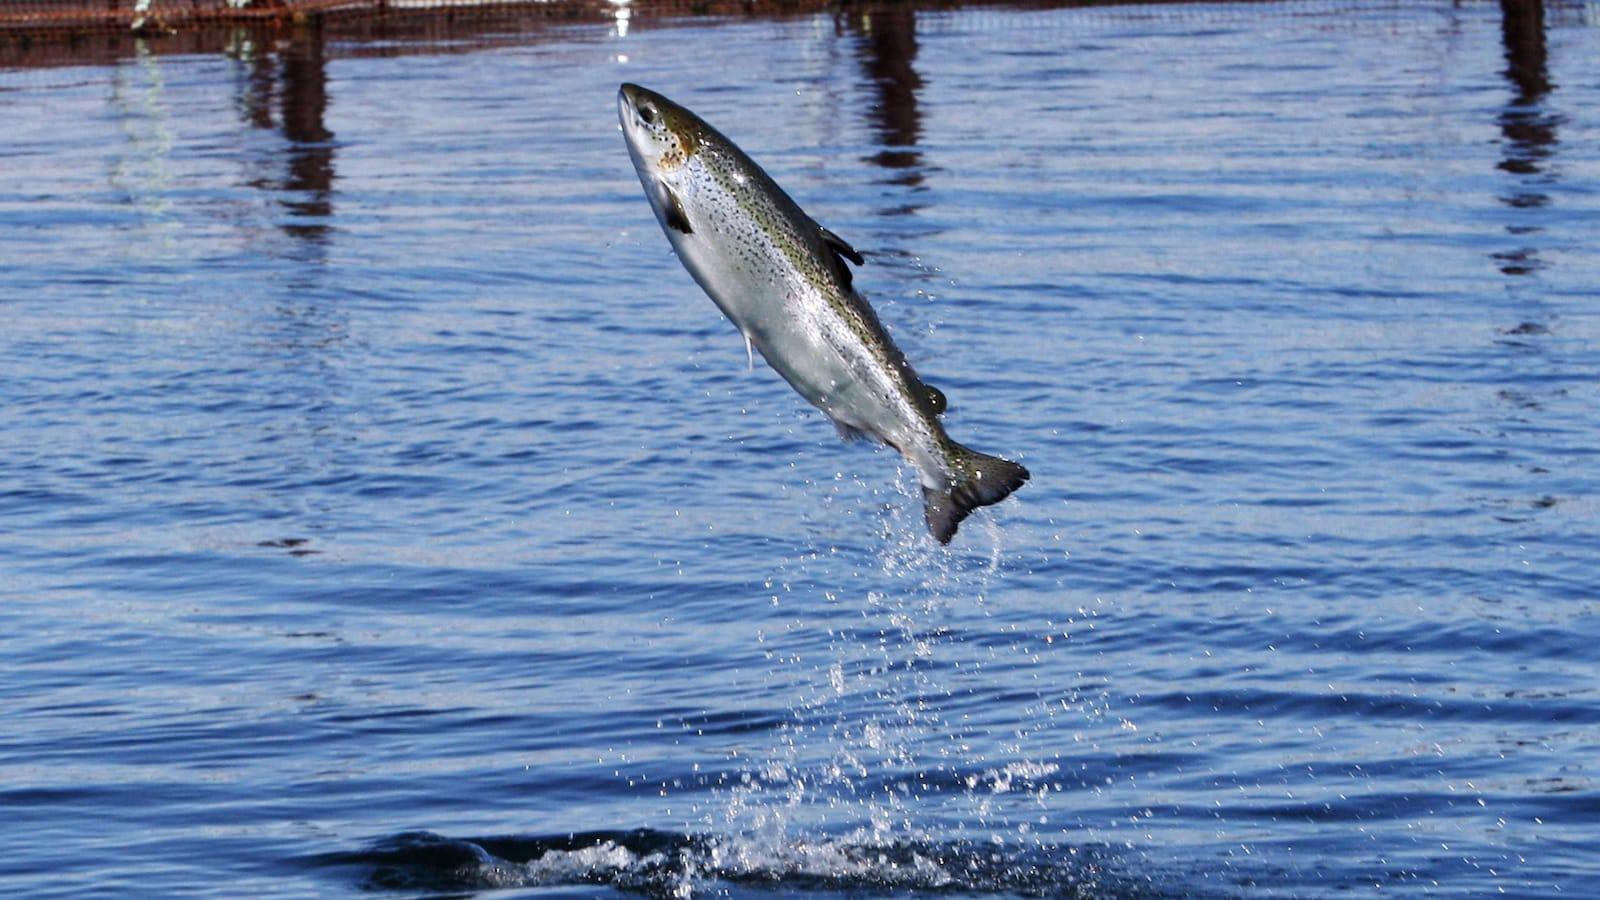 Un saumon de l'Atlantique qui saute hors de l'eau